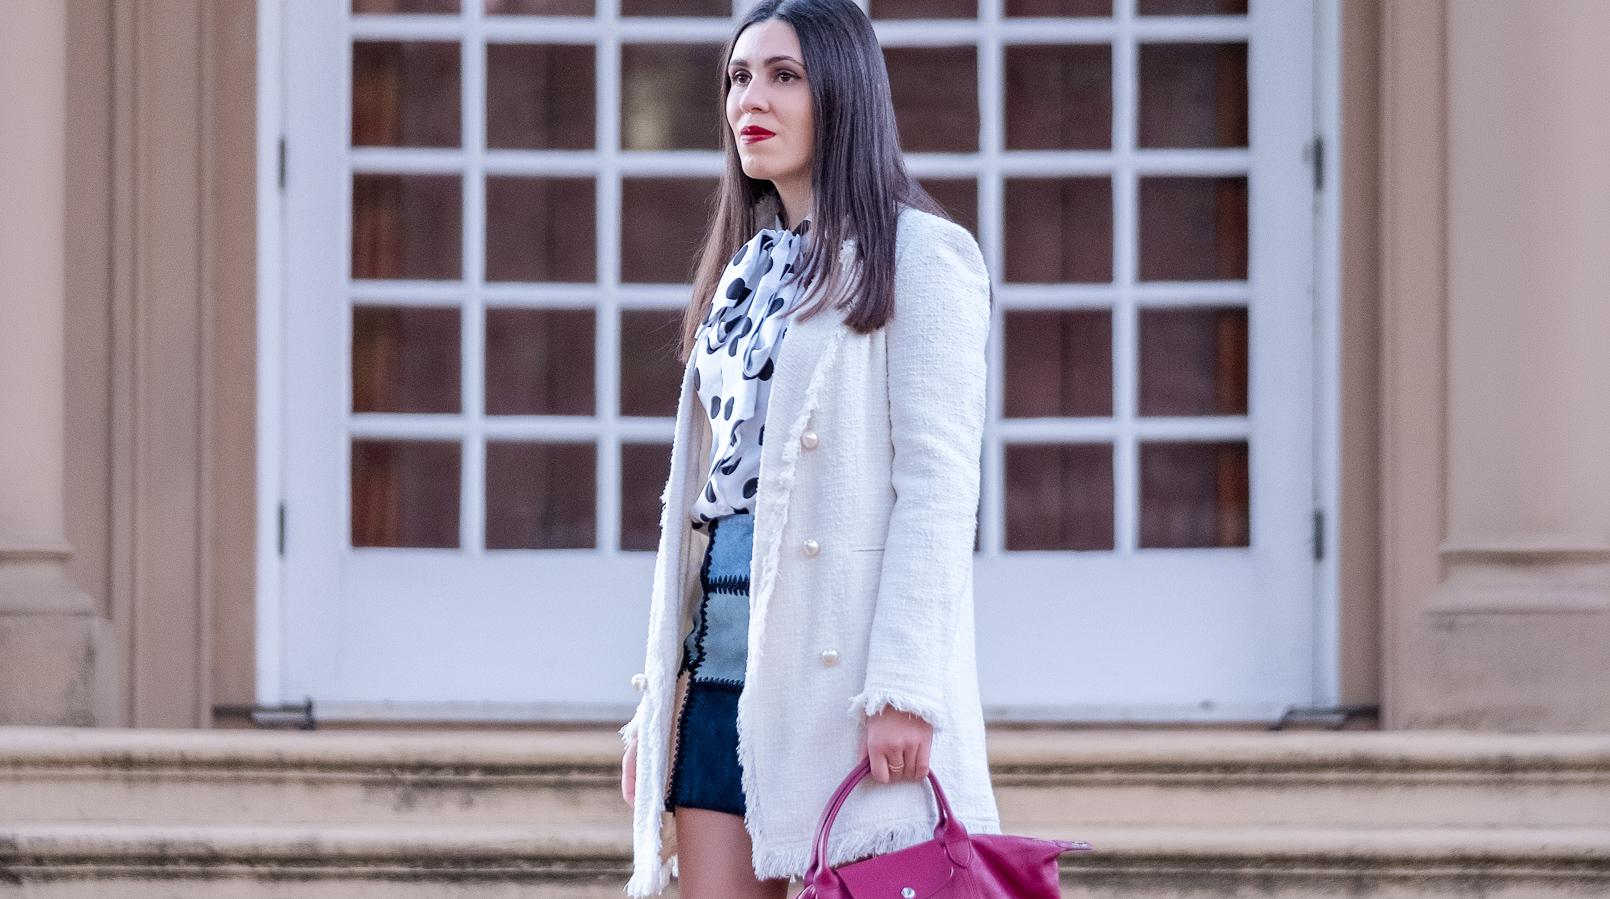 Le Fashionaire Tendência: as bolinhas são atemporais casaco branco maxi tweed zara perolas camisa branca bolas pretas shein saia pele patchwork azul bege zara 8949F PT